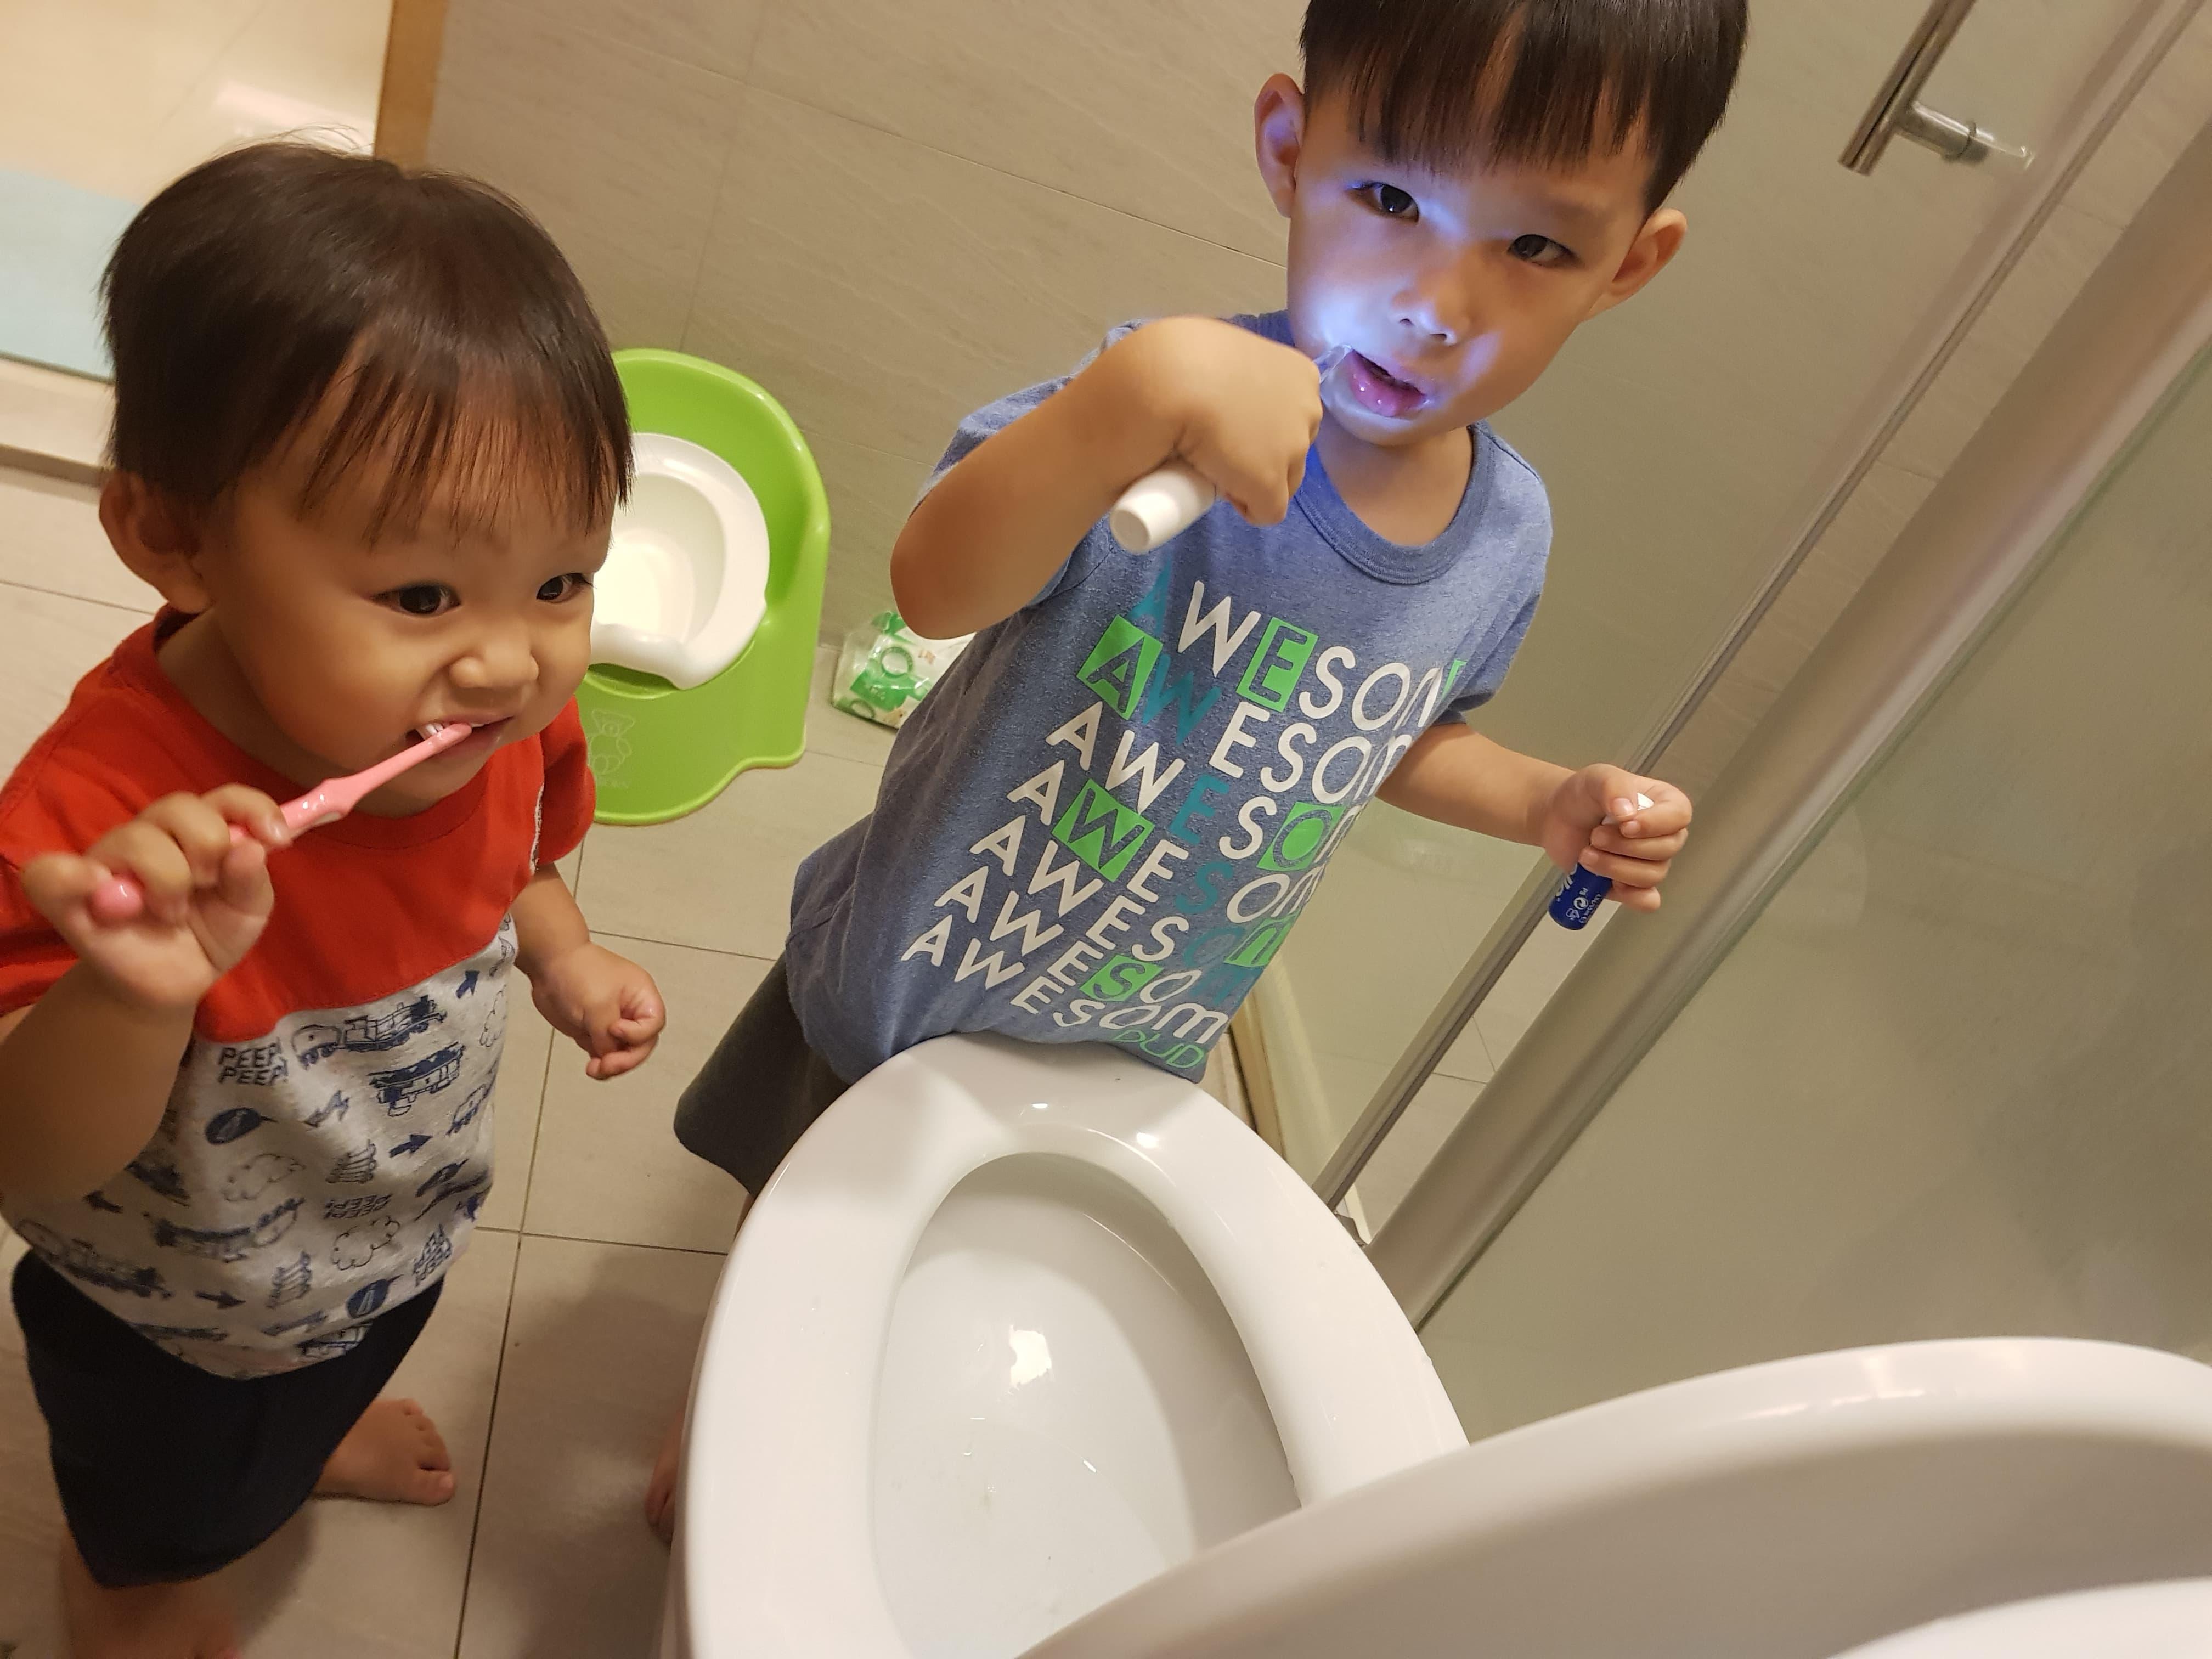 讓寶寶愛上刷牙,使用這些方法就對了!